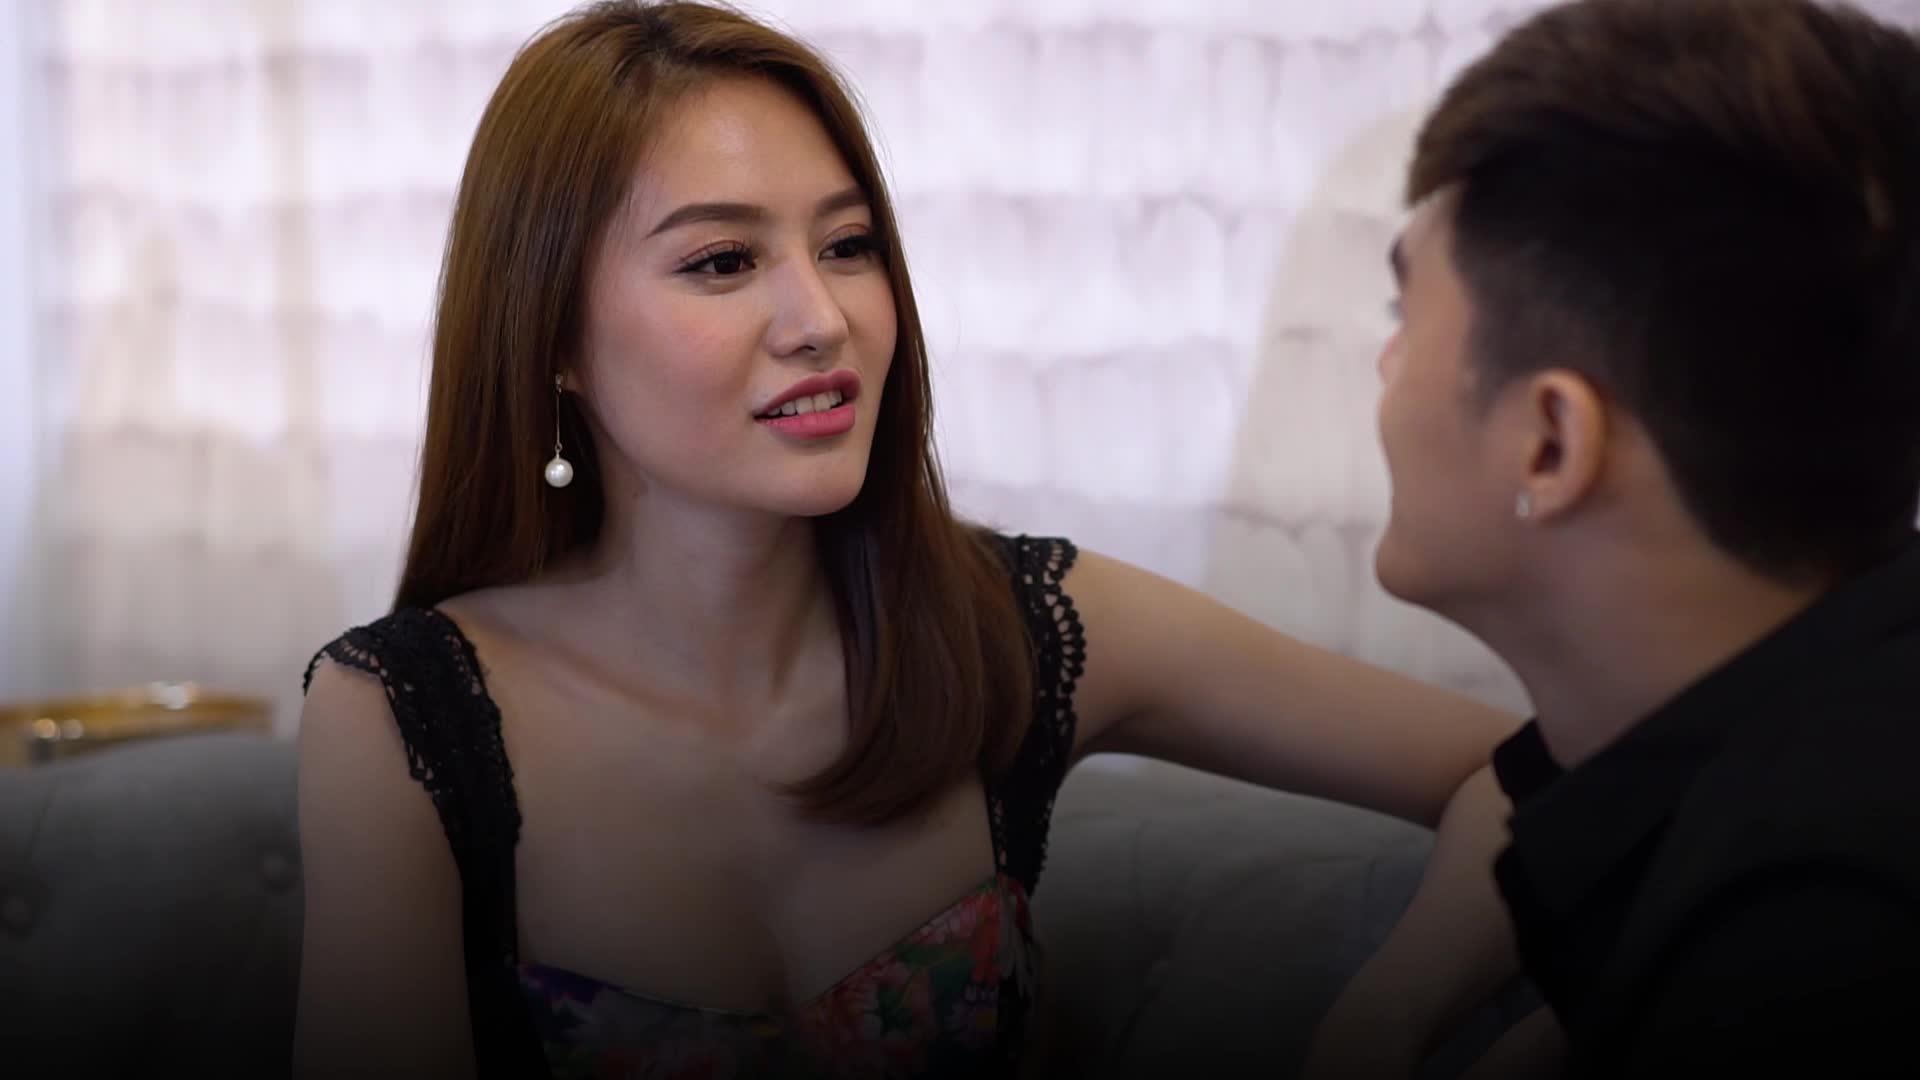 Lâm Vinh Hải: 'Tôi đến với Linh chi sau khi đã kết thúc với vợ cũ'